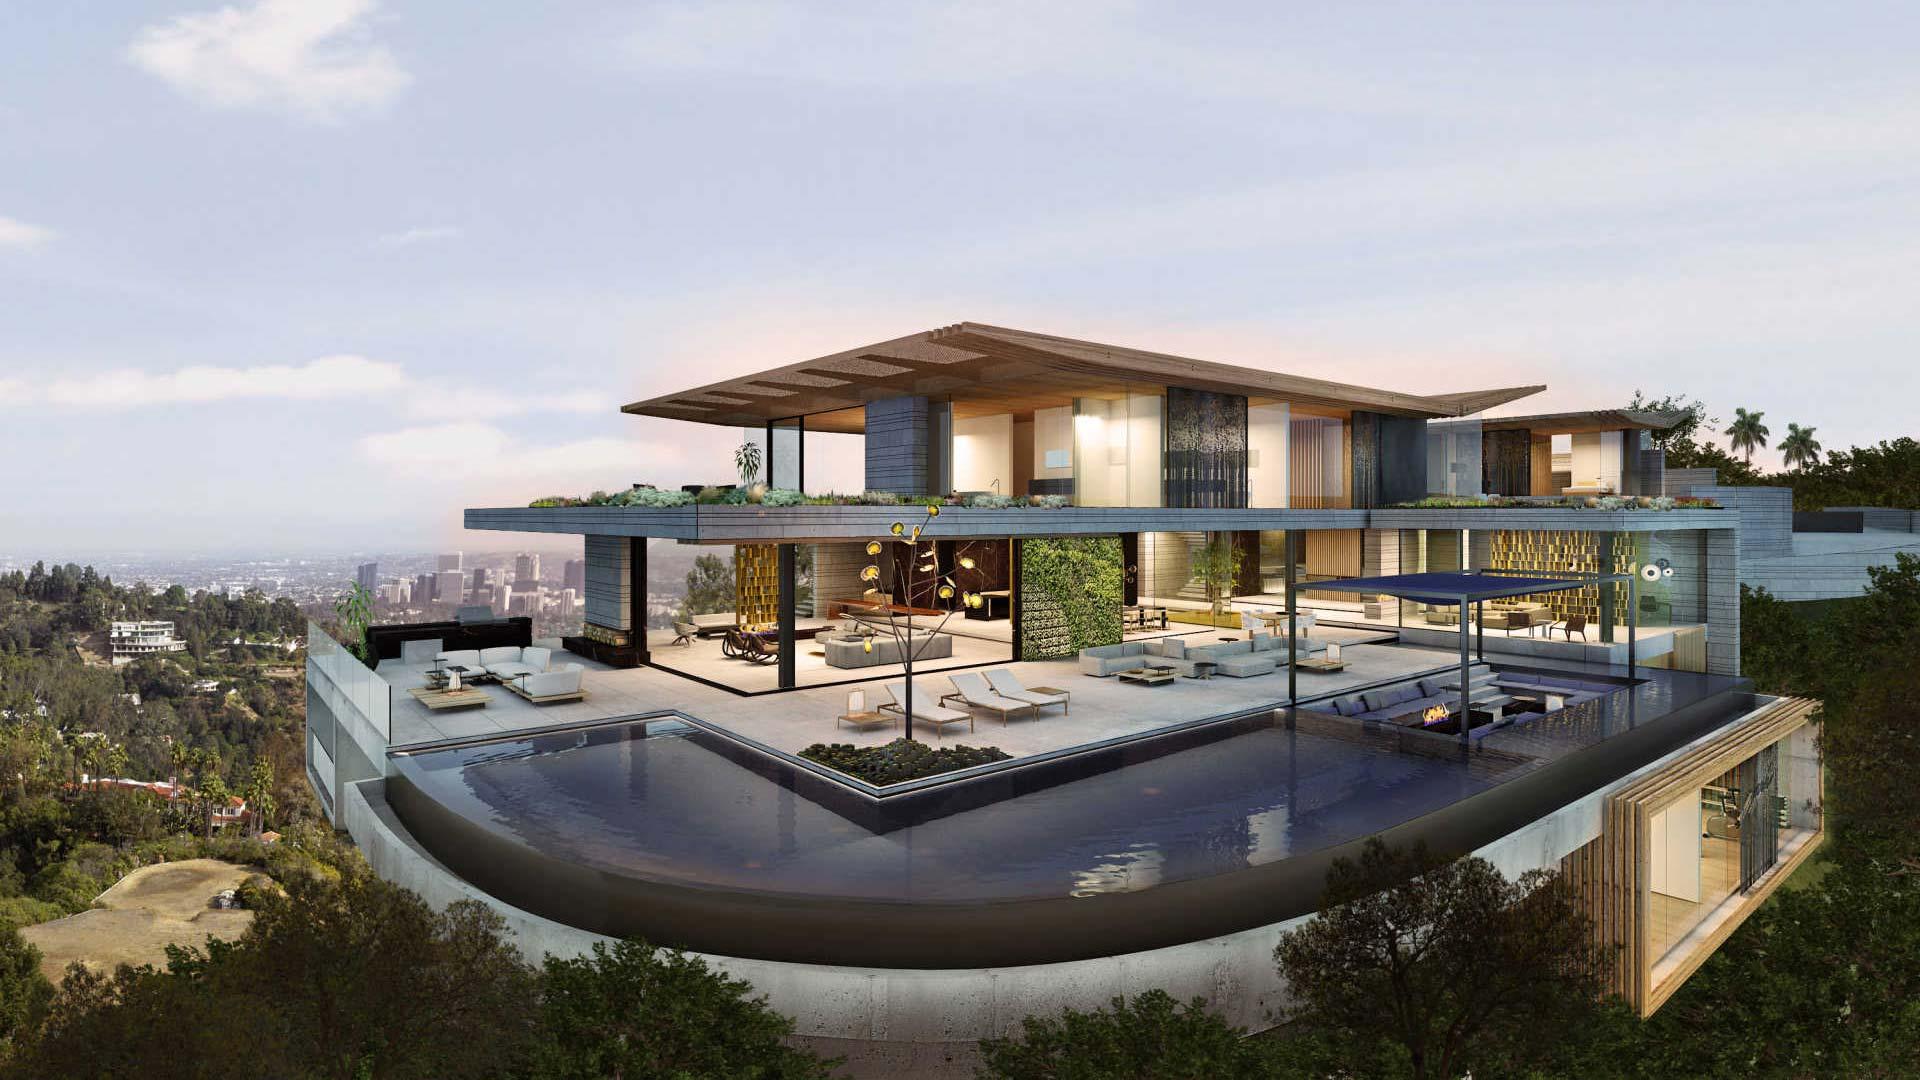 Luxusimmobilie Los Angeles: Lukinski's Highlights - Grundstücke bis zu $6.5 Mio!